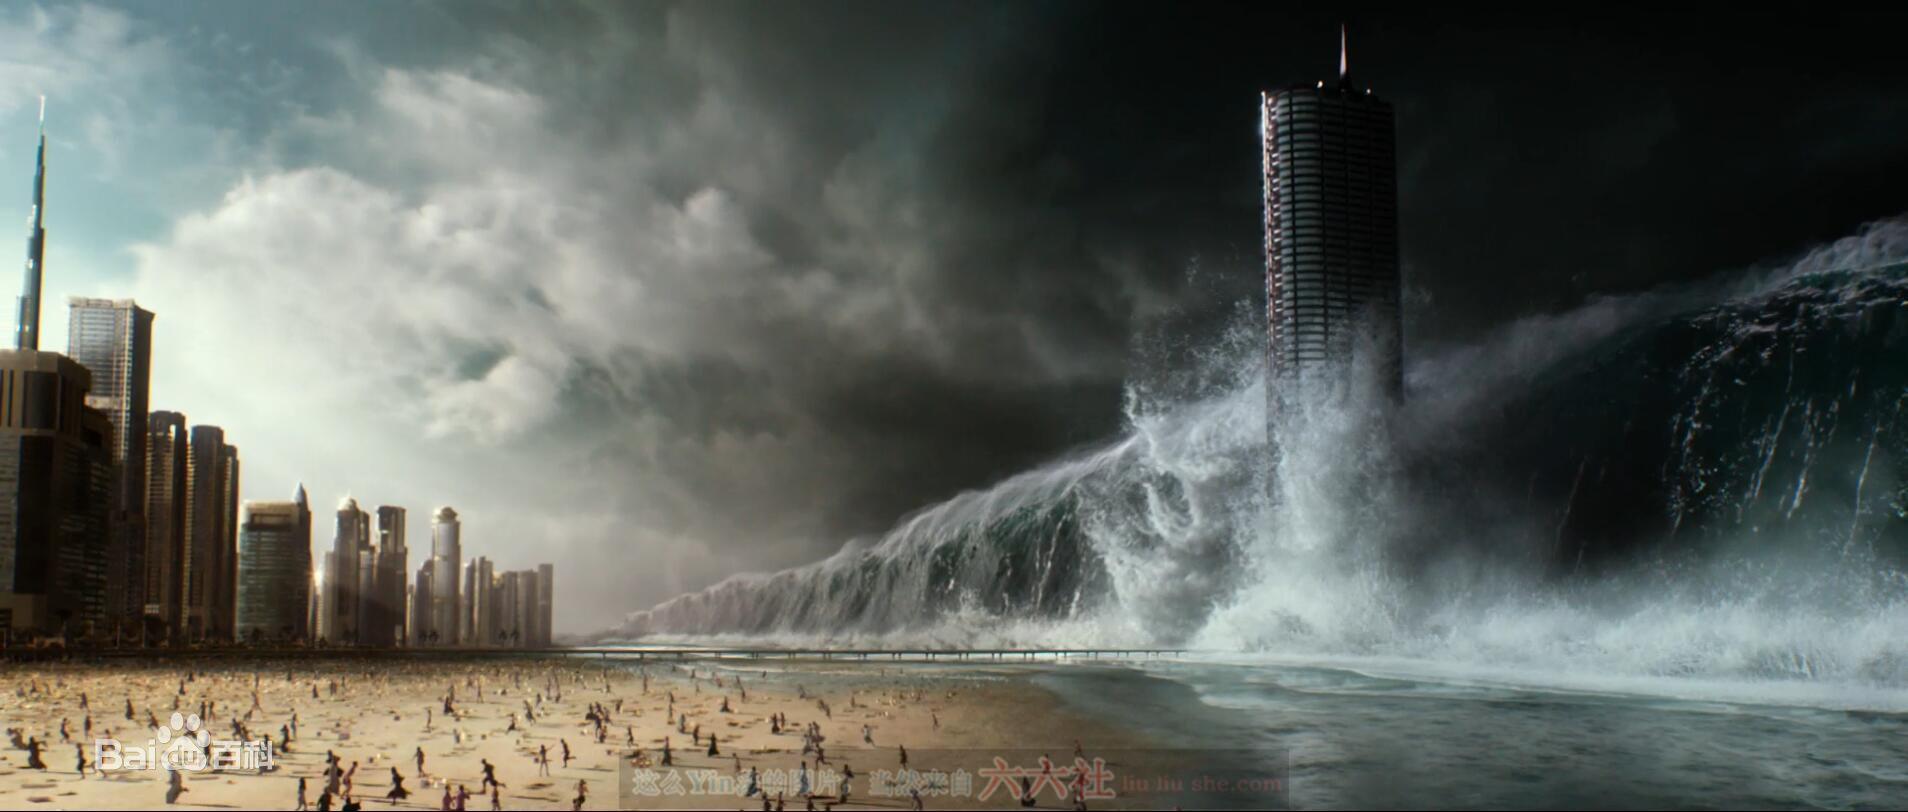 浩劫席卷全球 《全球风暴》(2017)电影 liuliushe.net六六社 第2张